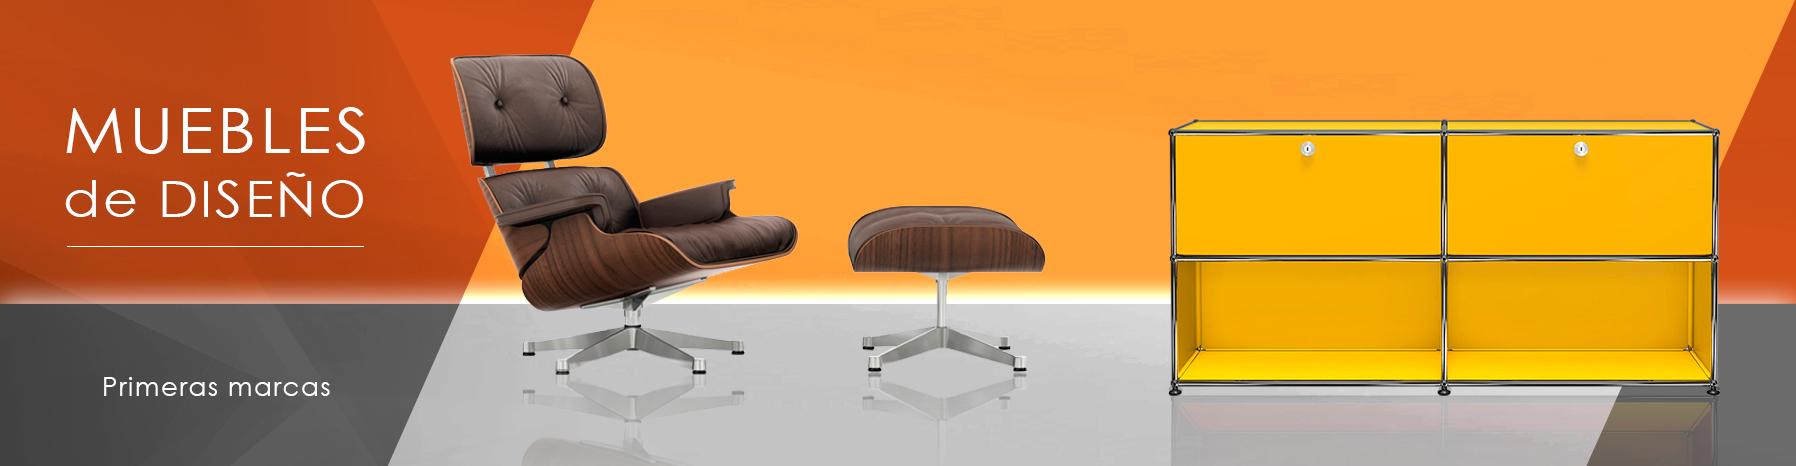 Diseo de muebles cmo crear saln de estilo nrdico for Muebles montiel